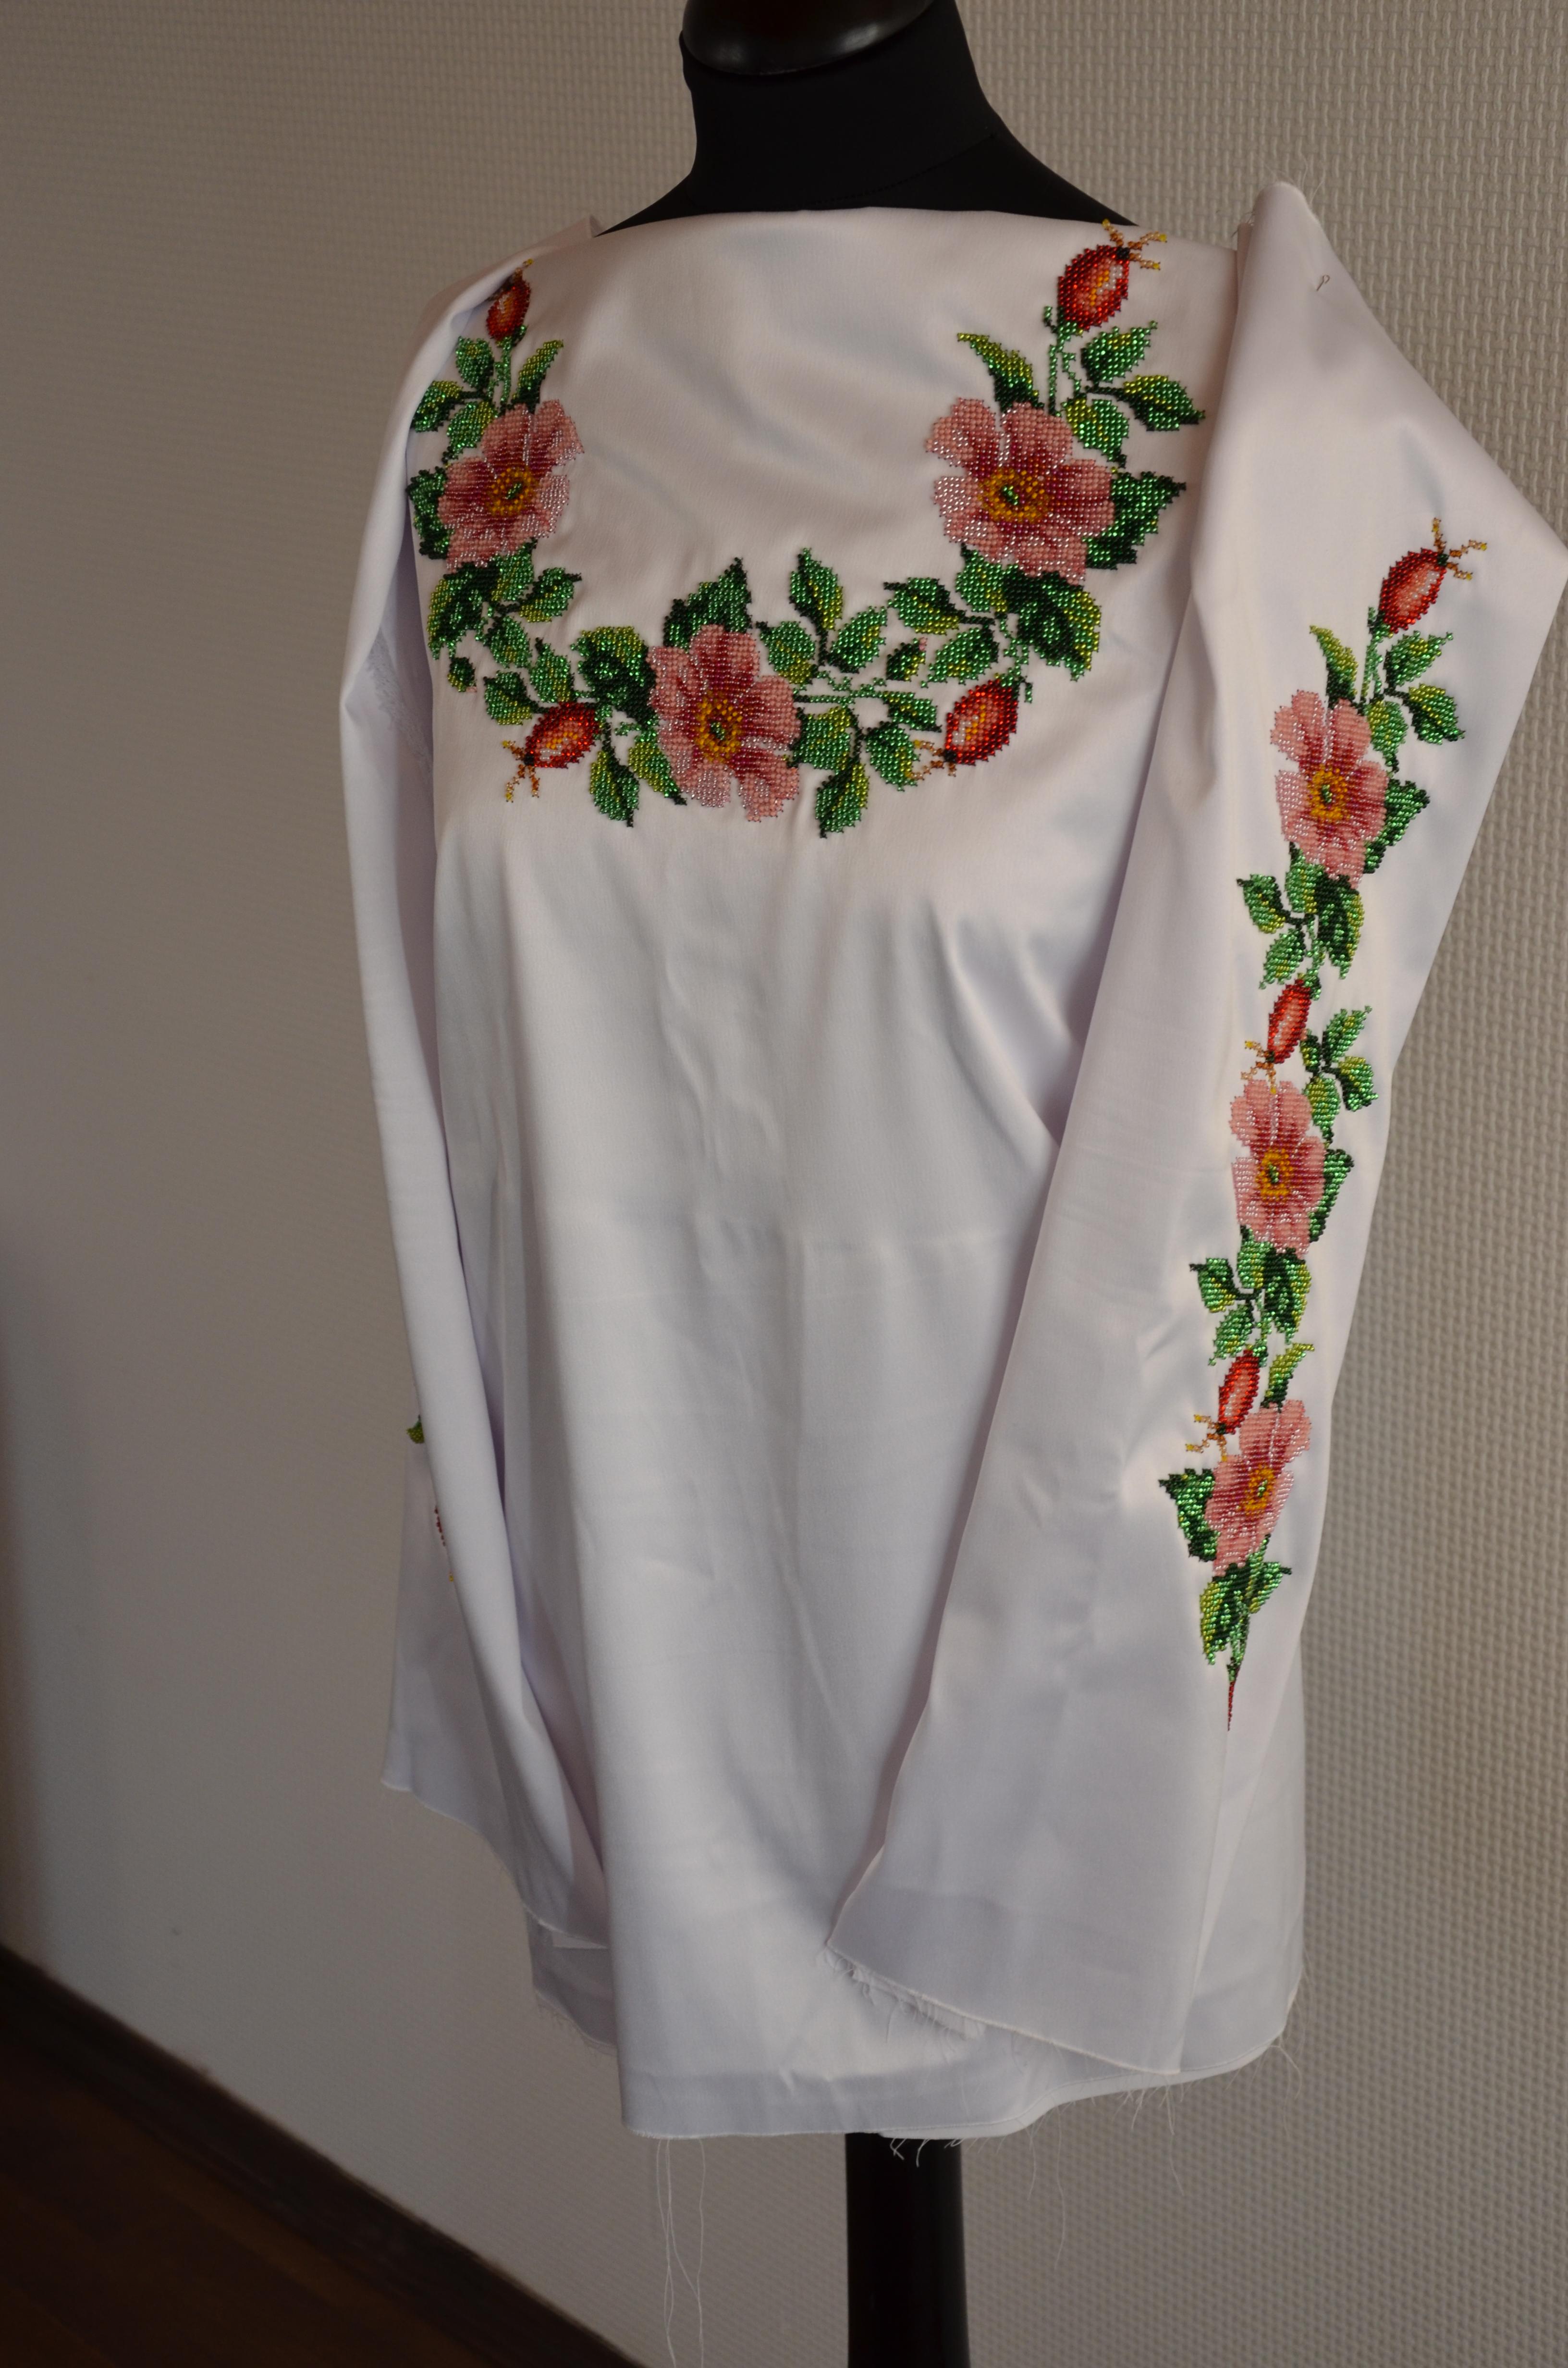 Вишита сорочка бісером Шипшина - Товари - Схеми для вишивки бісером ... aec55db96ddf6